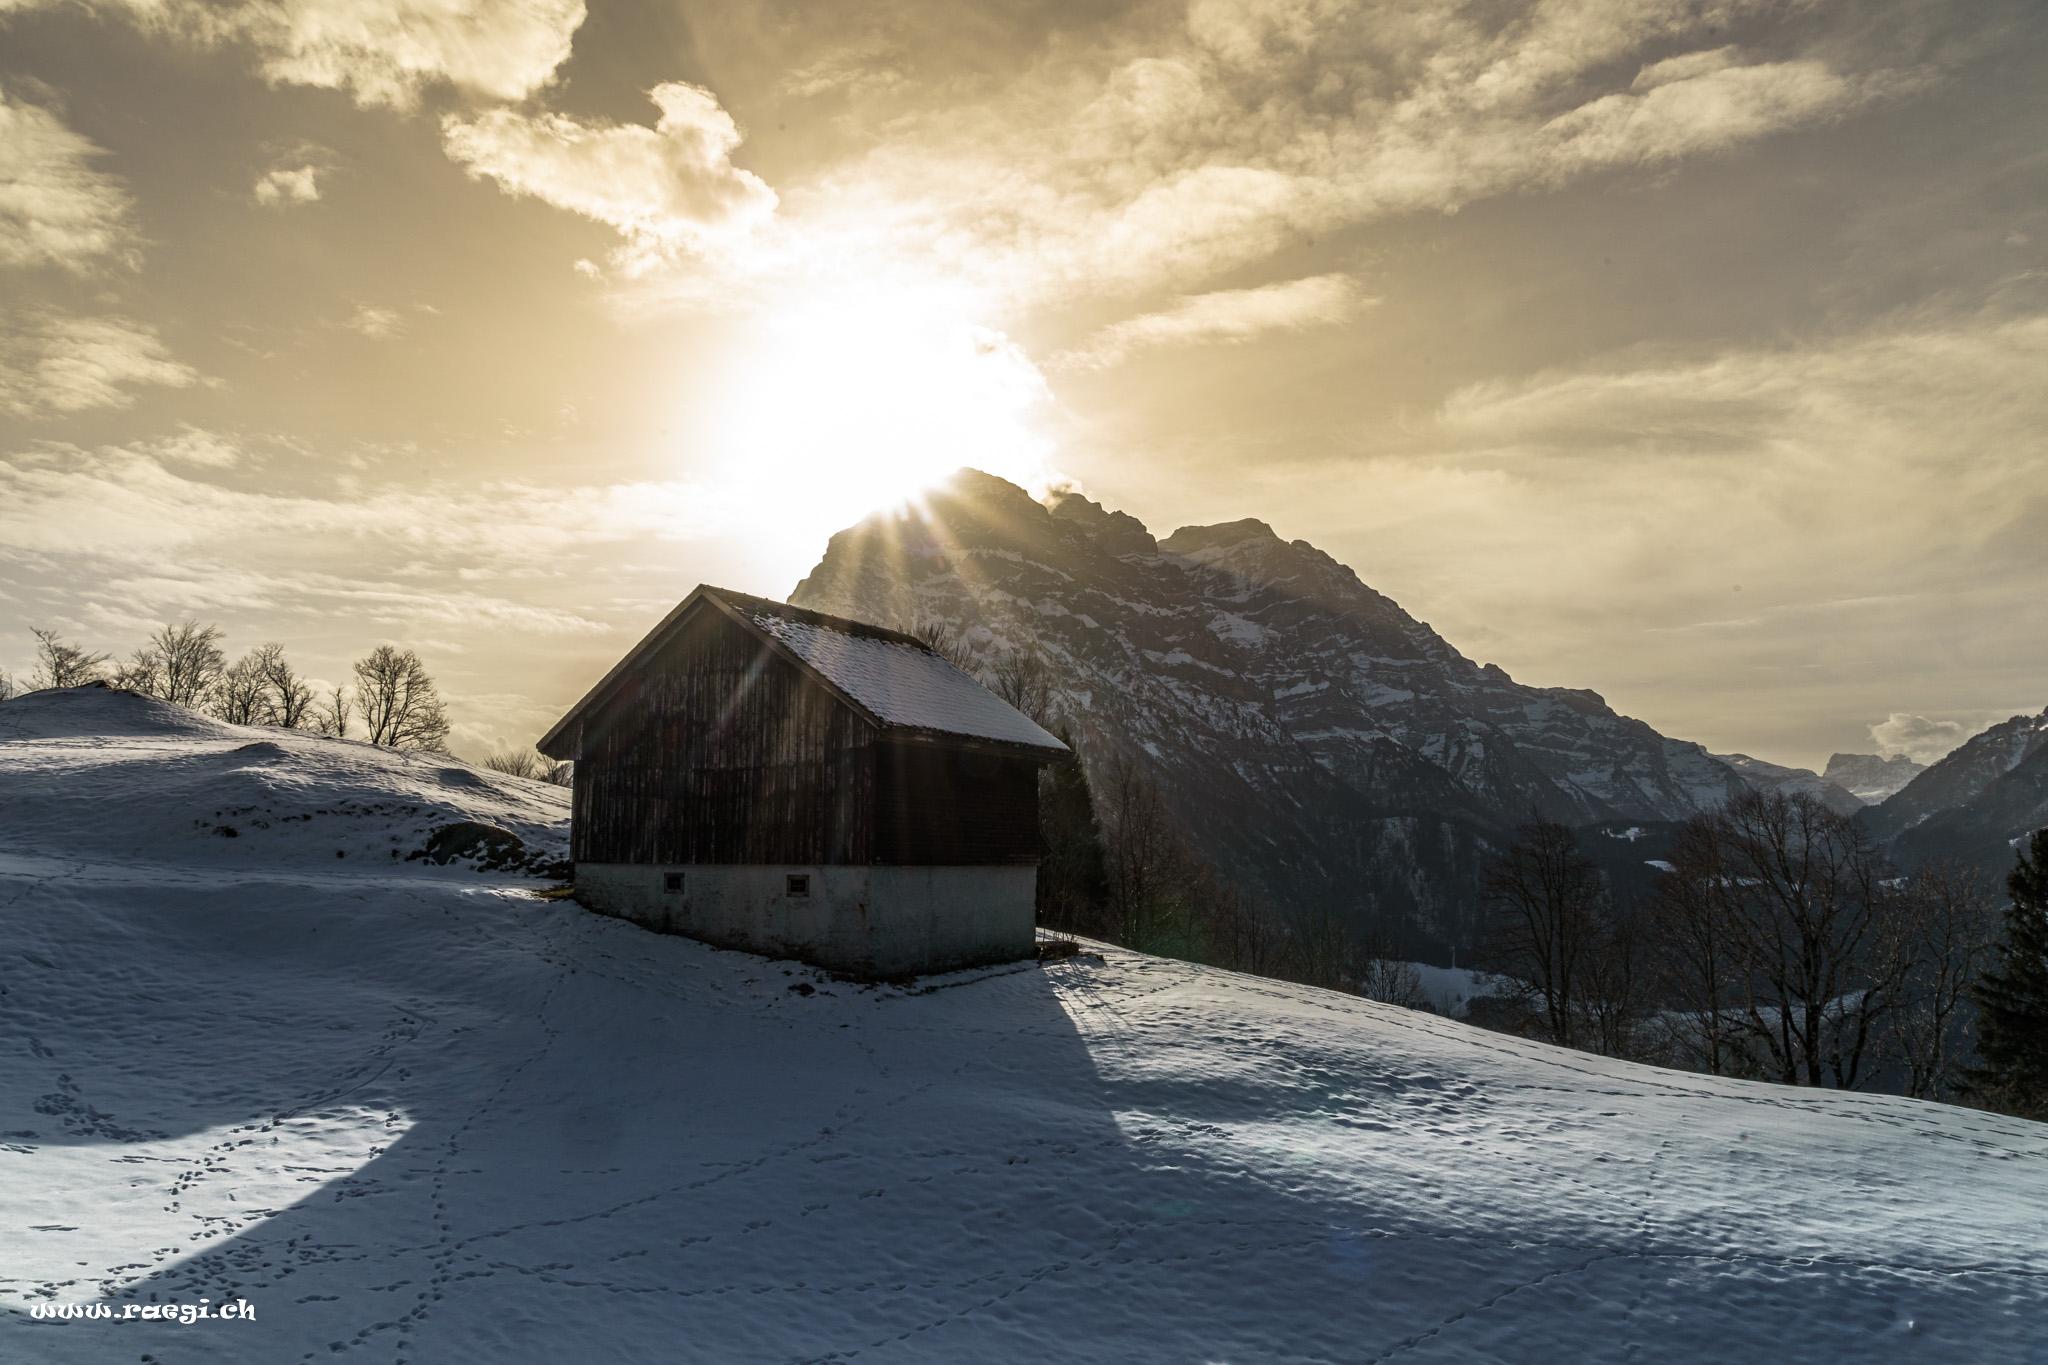 Seppe Bänggli, Switzerland